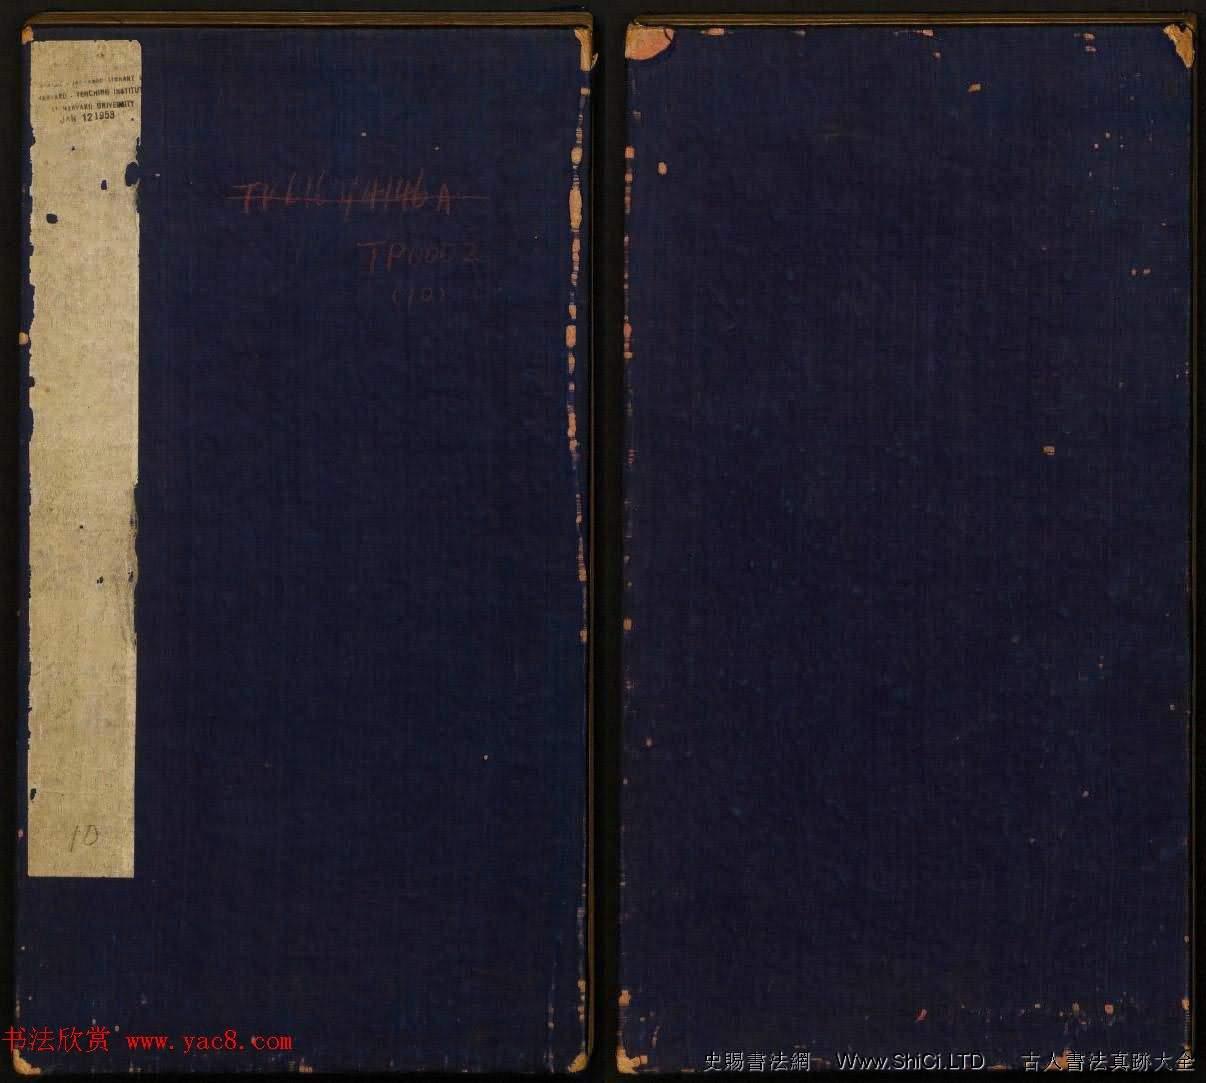 董其昌審定《戲鴻堂法書》第十冊(共28張圖片)